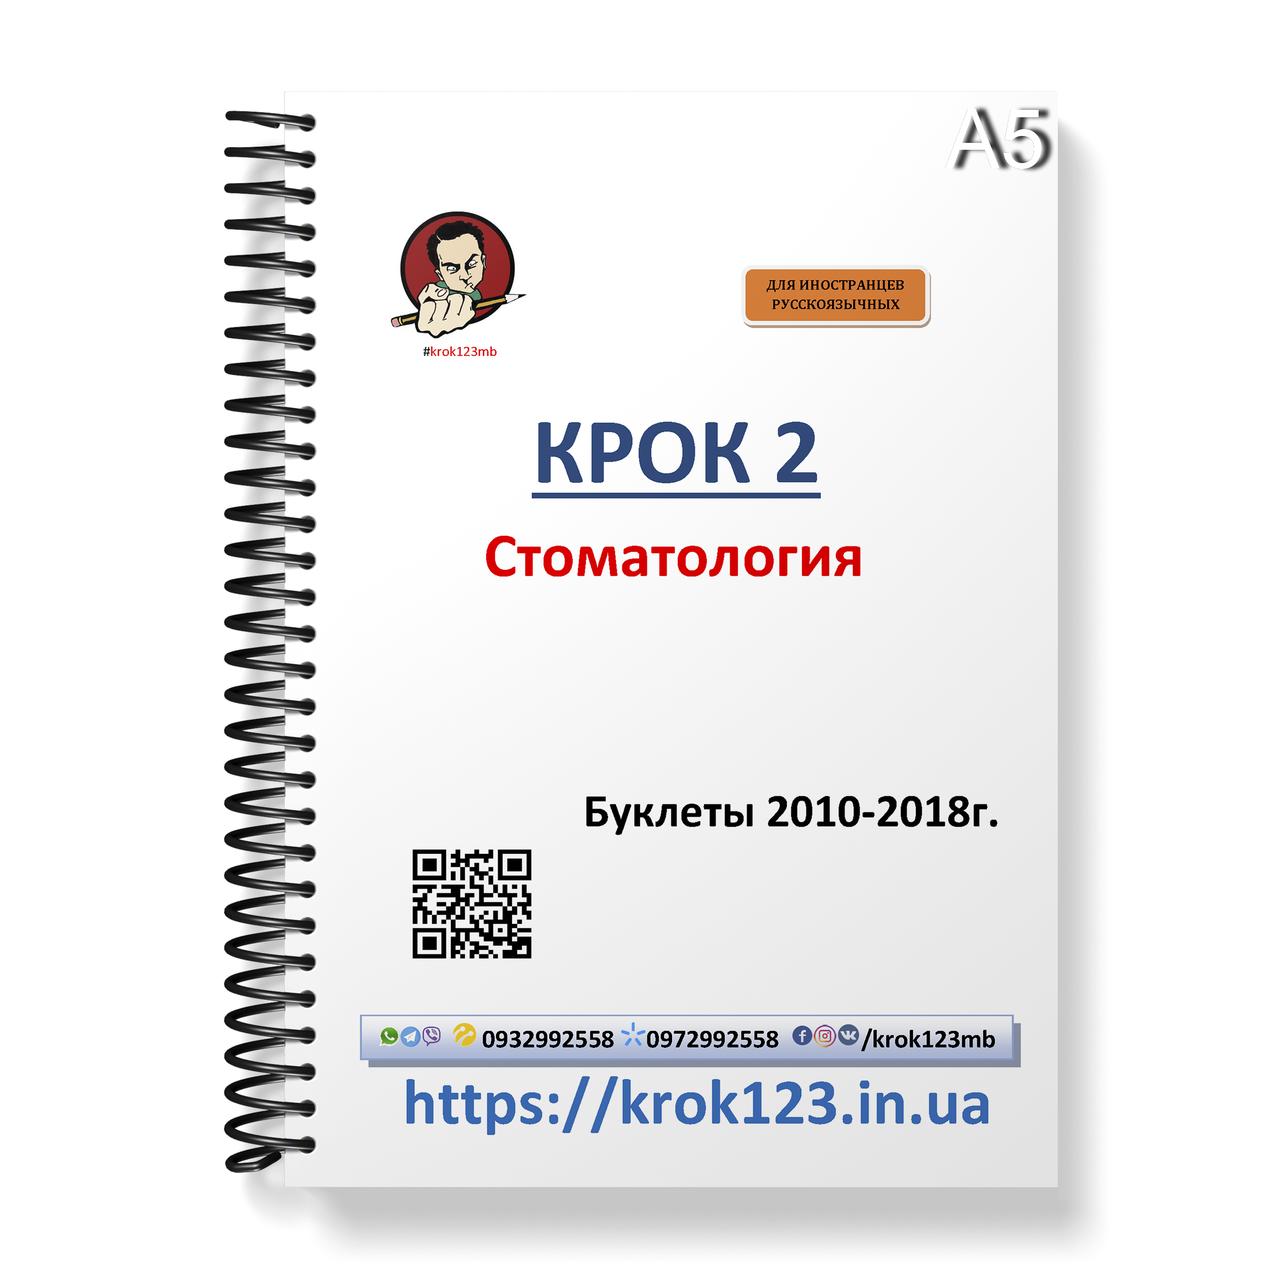 Крок 2. Стоматология. Буклеты 2010-2018 . Для иностранцев русскоязычных. Формат А5